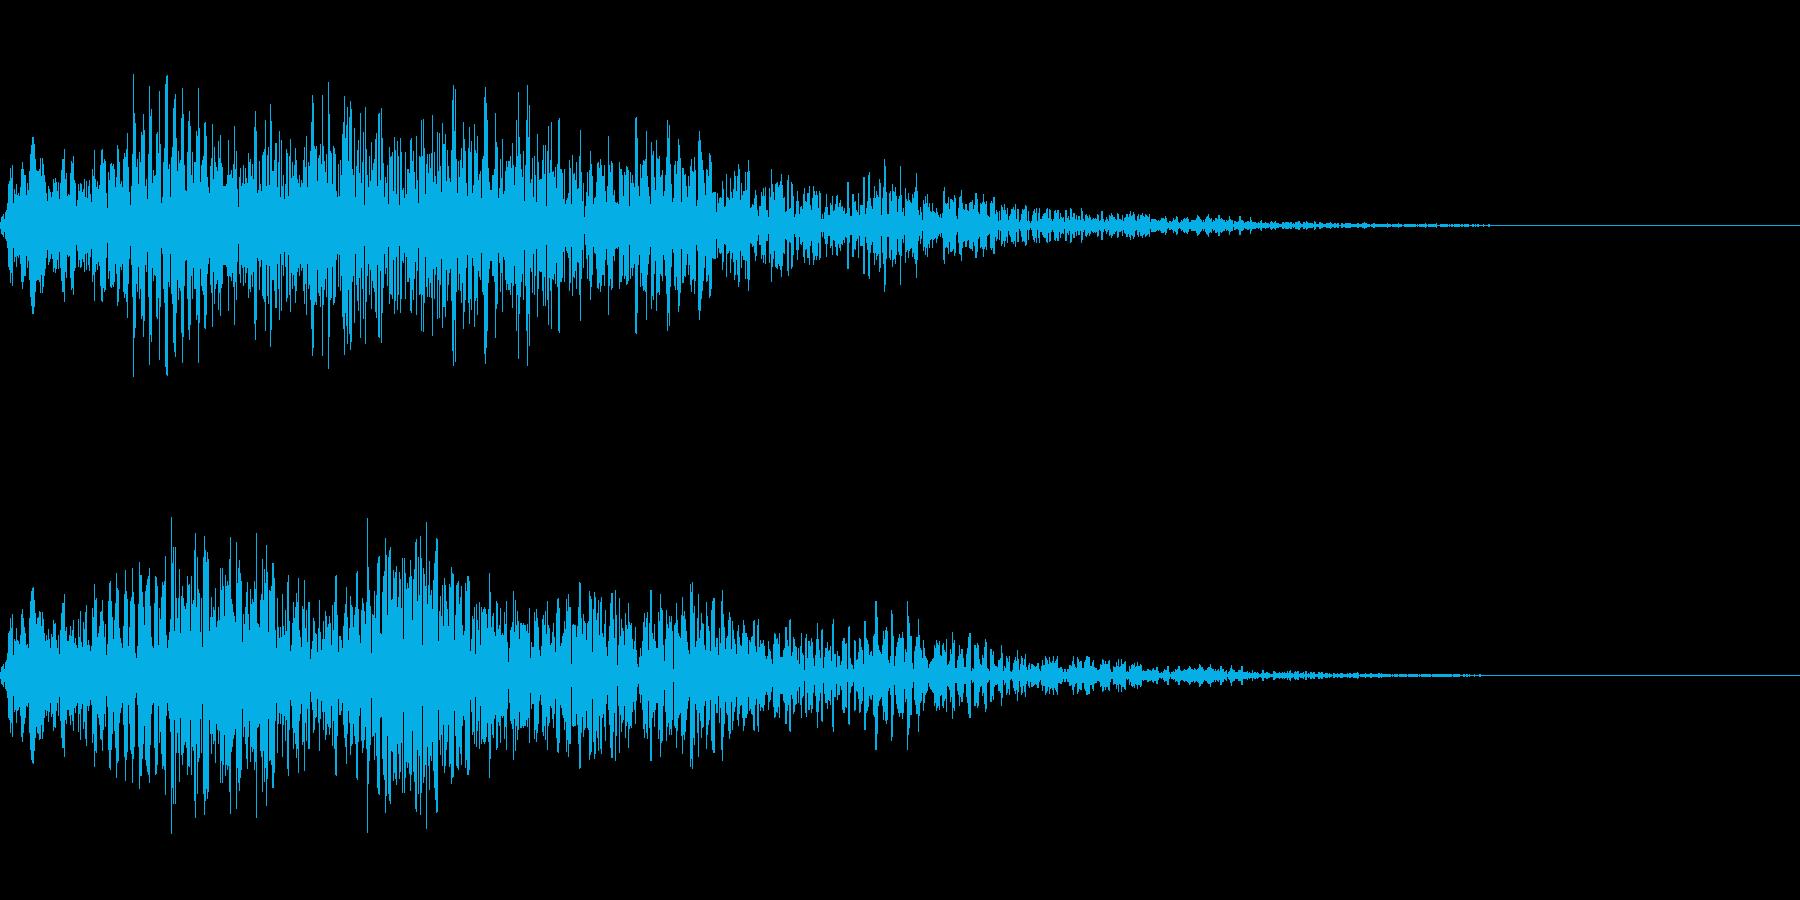 ゴージャスなキャンセル音3の再生済みの波形